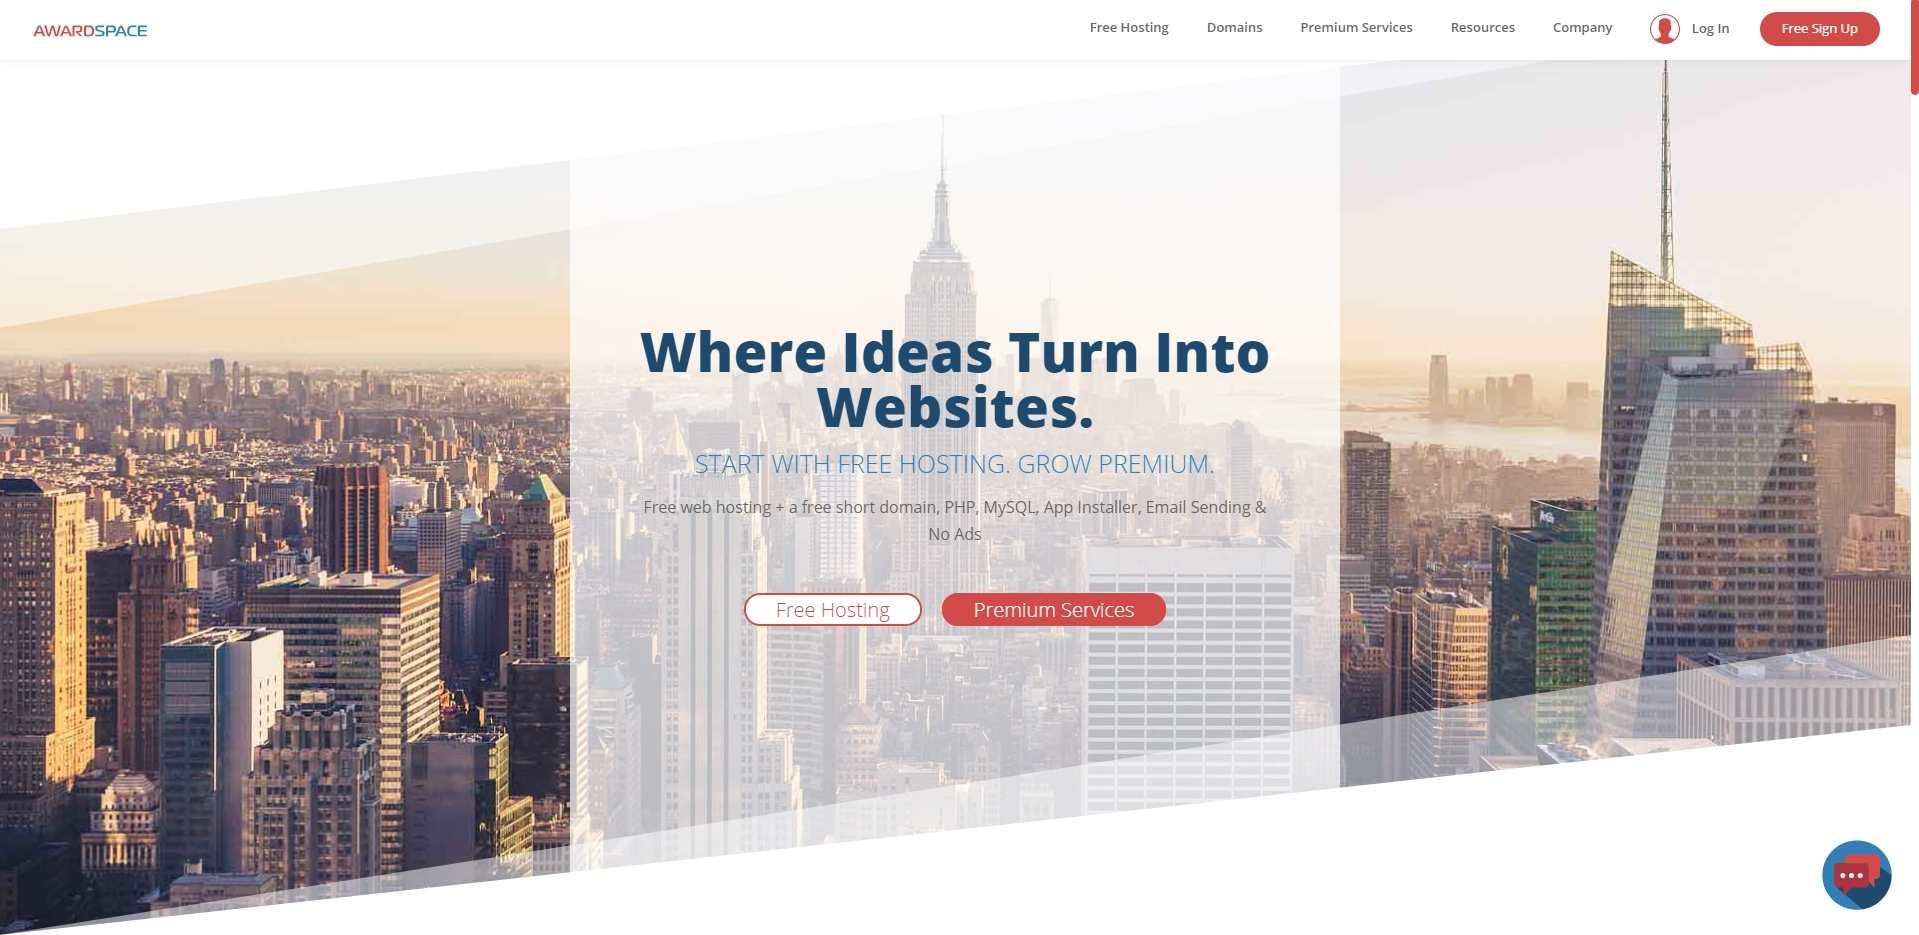 Awardspace web